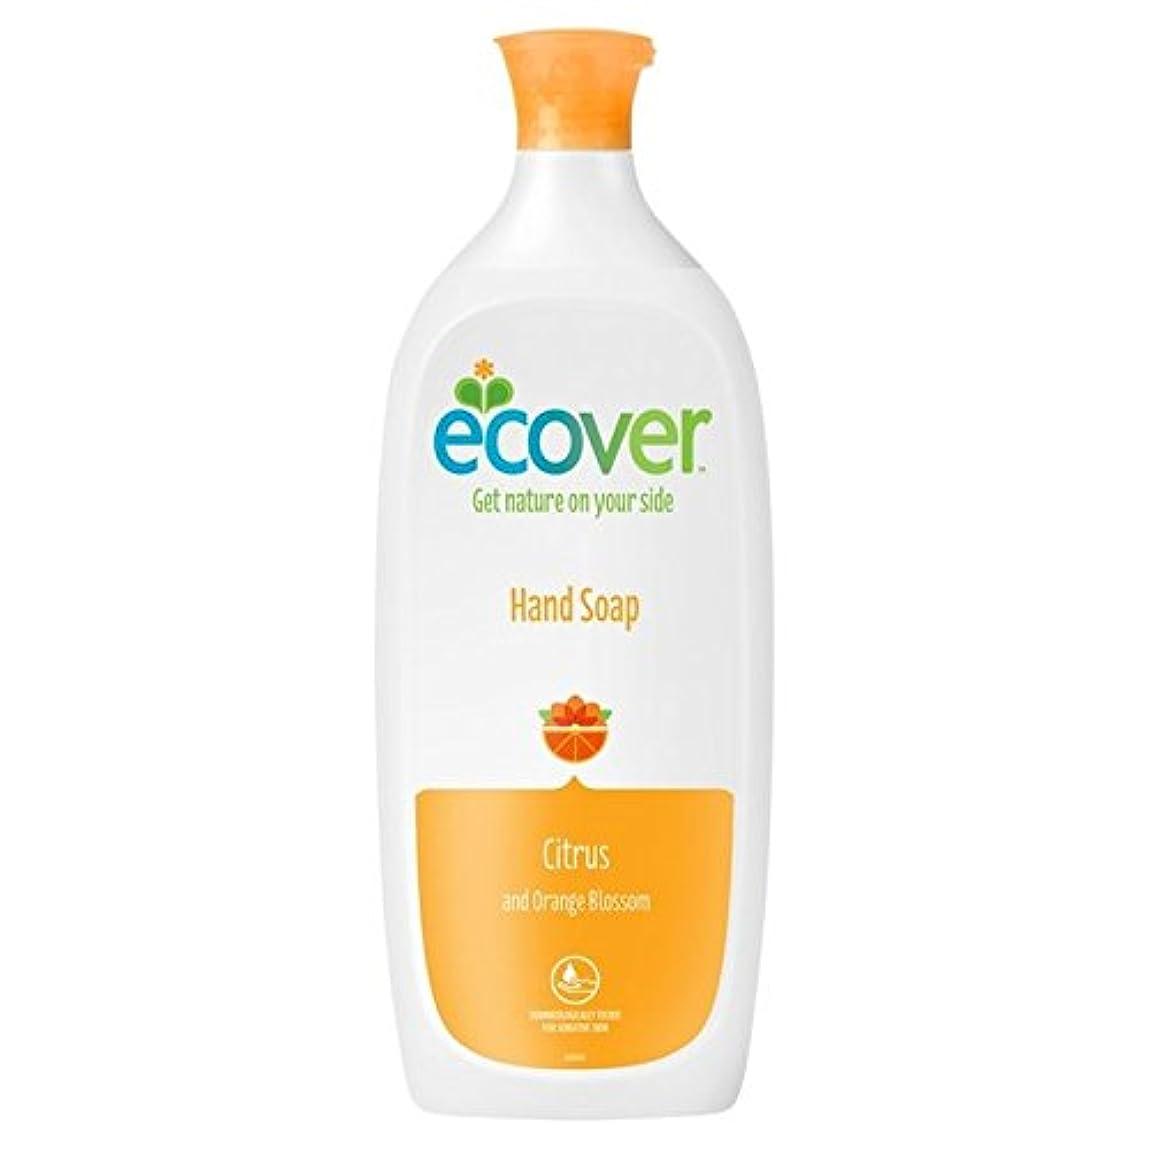 以内に腹部含むエコベール液体石鹸シトラス&オレンジの花のリフィル1リットル x4 - Ecover Liquid Soap Citrus & Orange Blossom Refill 1L (Pack of 4) [並行輸入品]